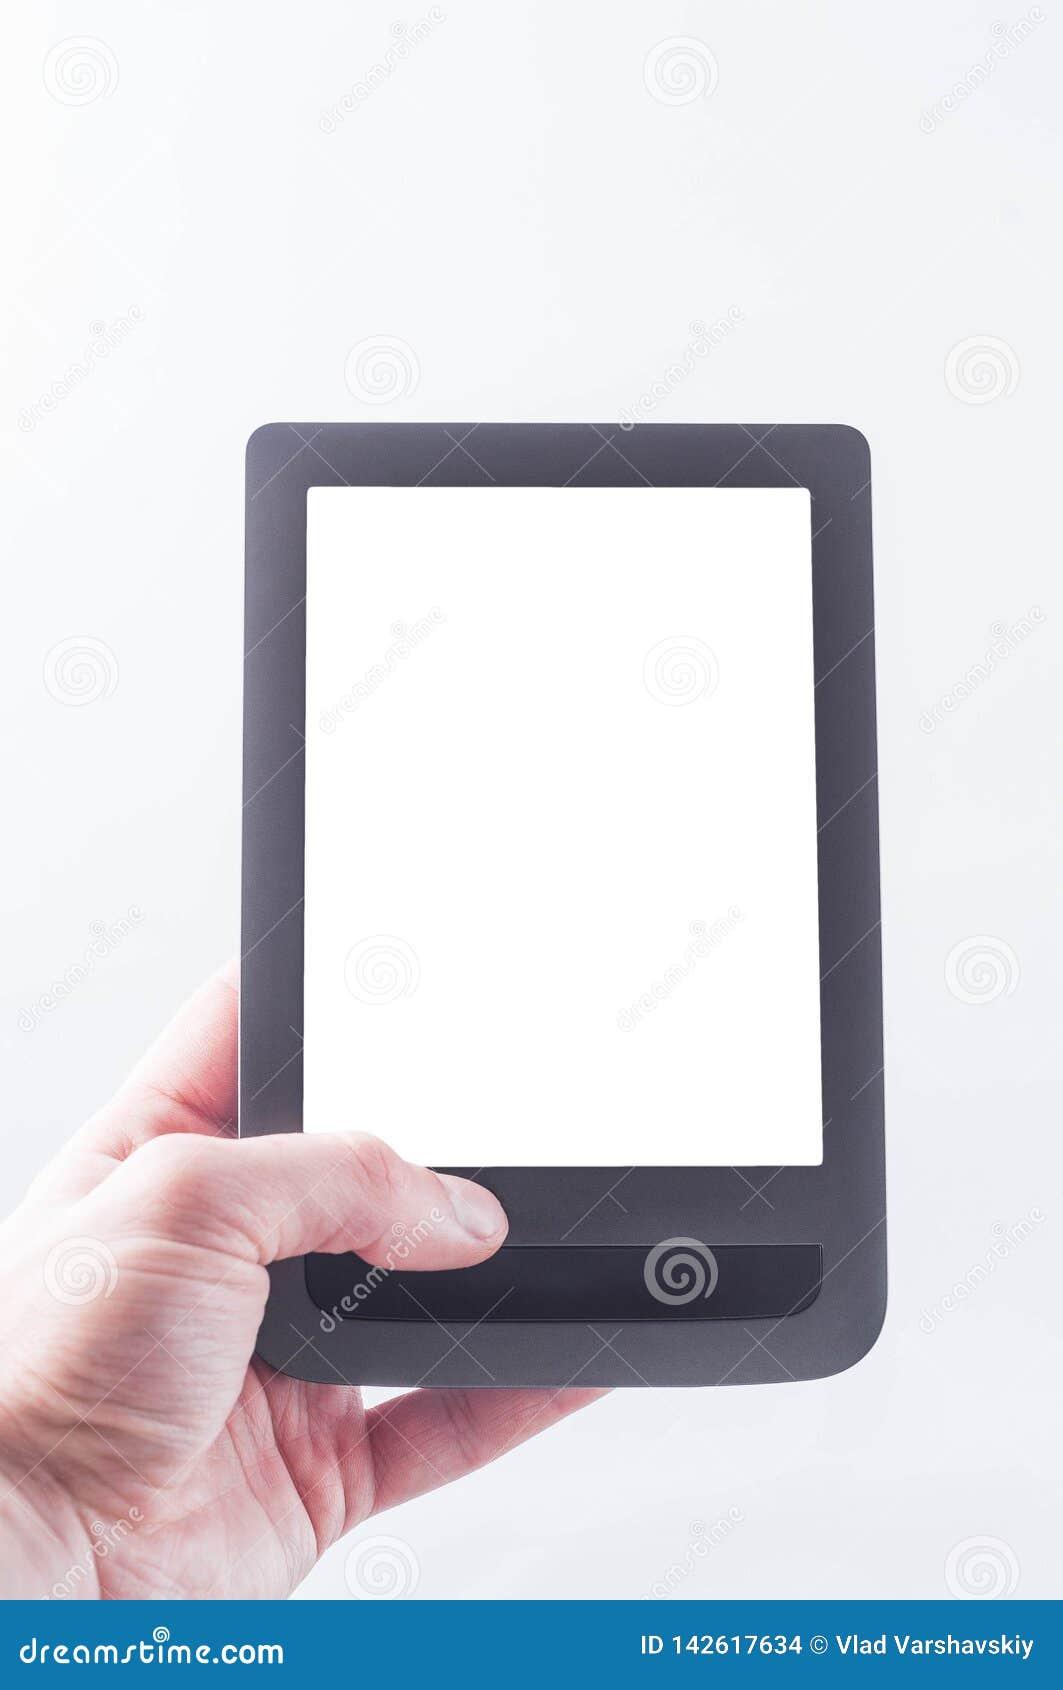 Το γκρίζο eBook υπό εξέταση με το διάστημα στην οθόνη στο πλαίσιο του κειμένου ενθέτων των ειδήσεων σε ένα άσπρο υπόβαθρο, απομον